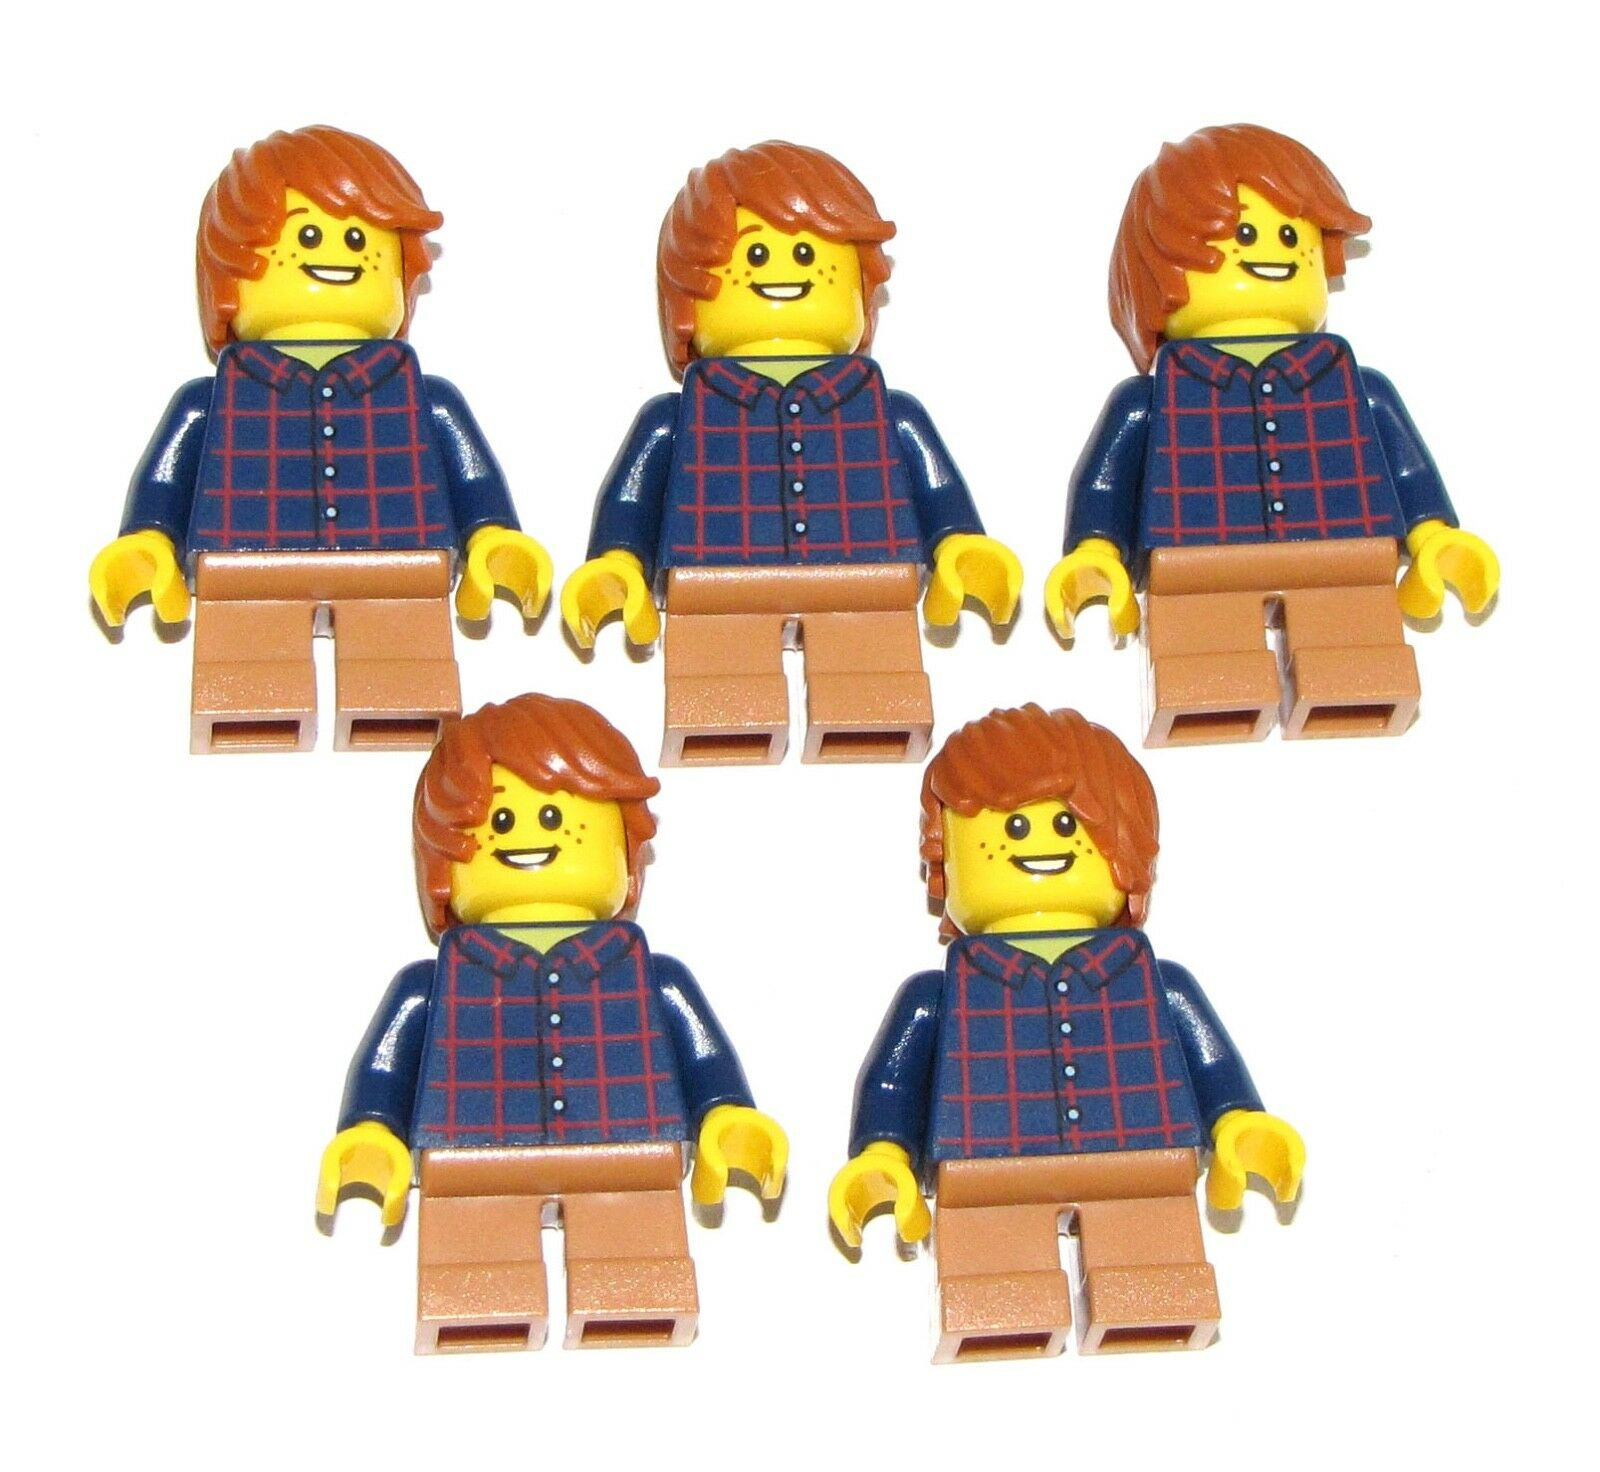 Lego Lot Of 5 Nuevo Plaid Camisa Botón Medio Oscuro Carne Corta Piernas orange